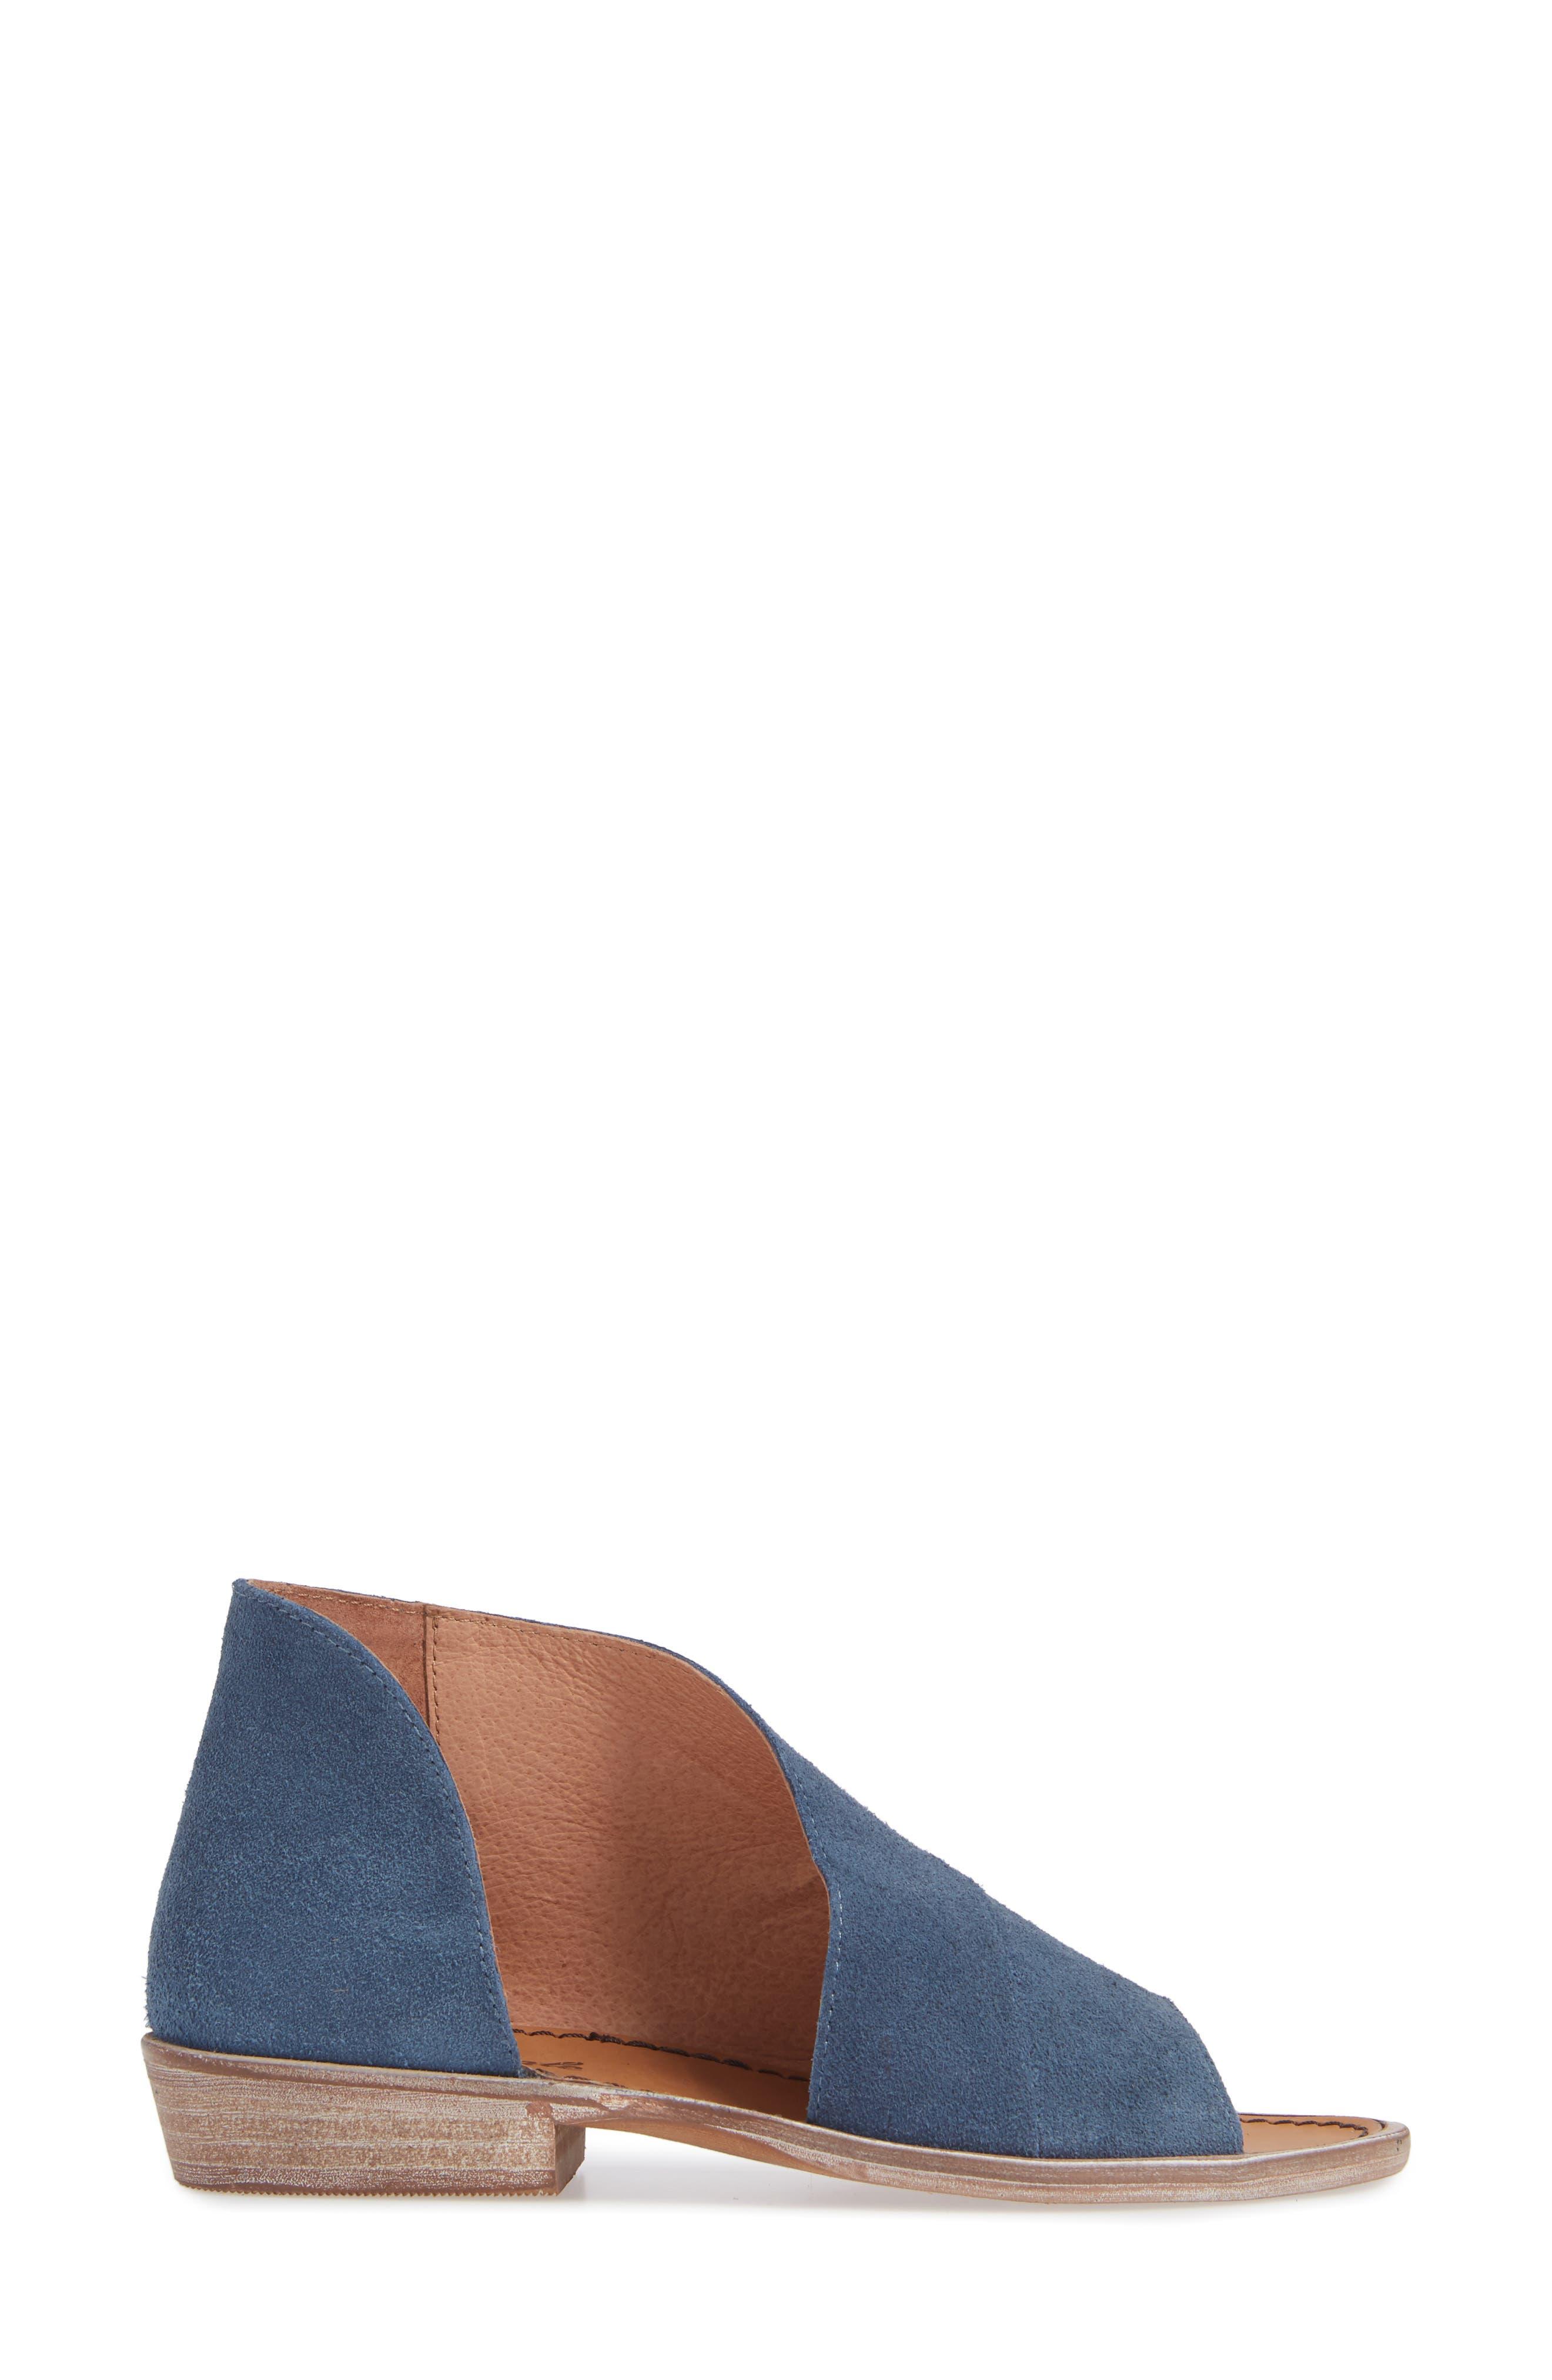 'Mont Blanc' Asymmetrical Sandal,                             Alternate thumbnail 3, color,                             BLUE SUEDE